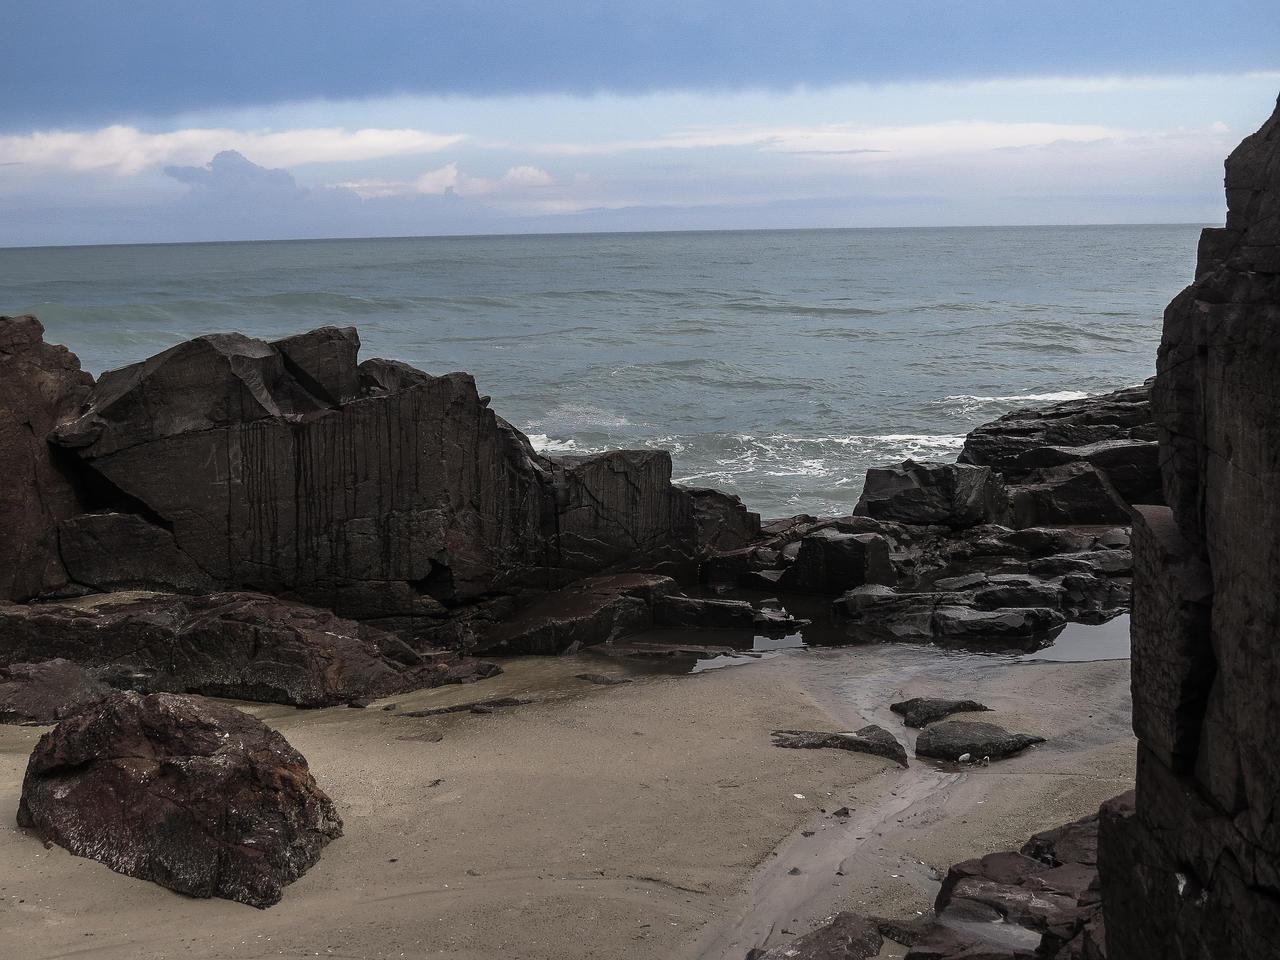 Stones beach II by DeniseWorisch